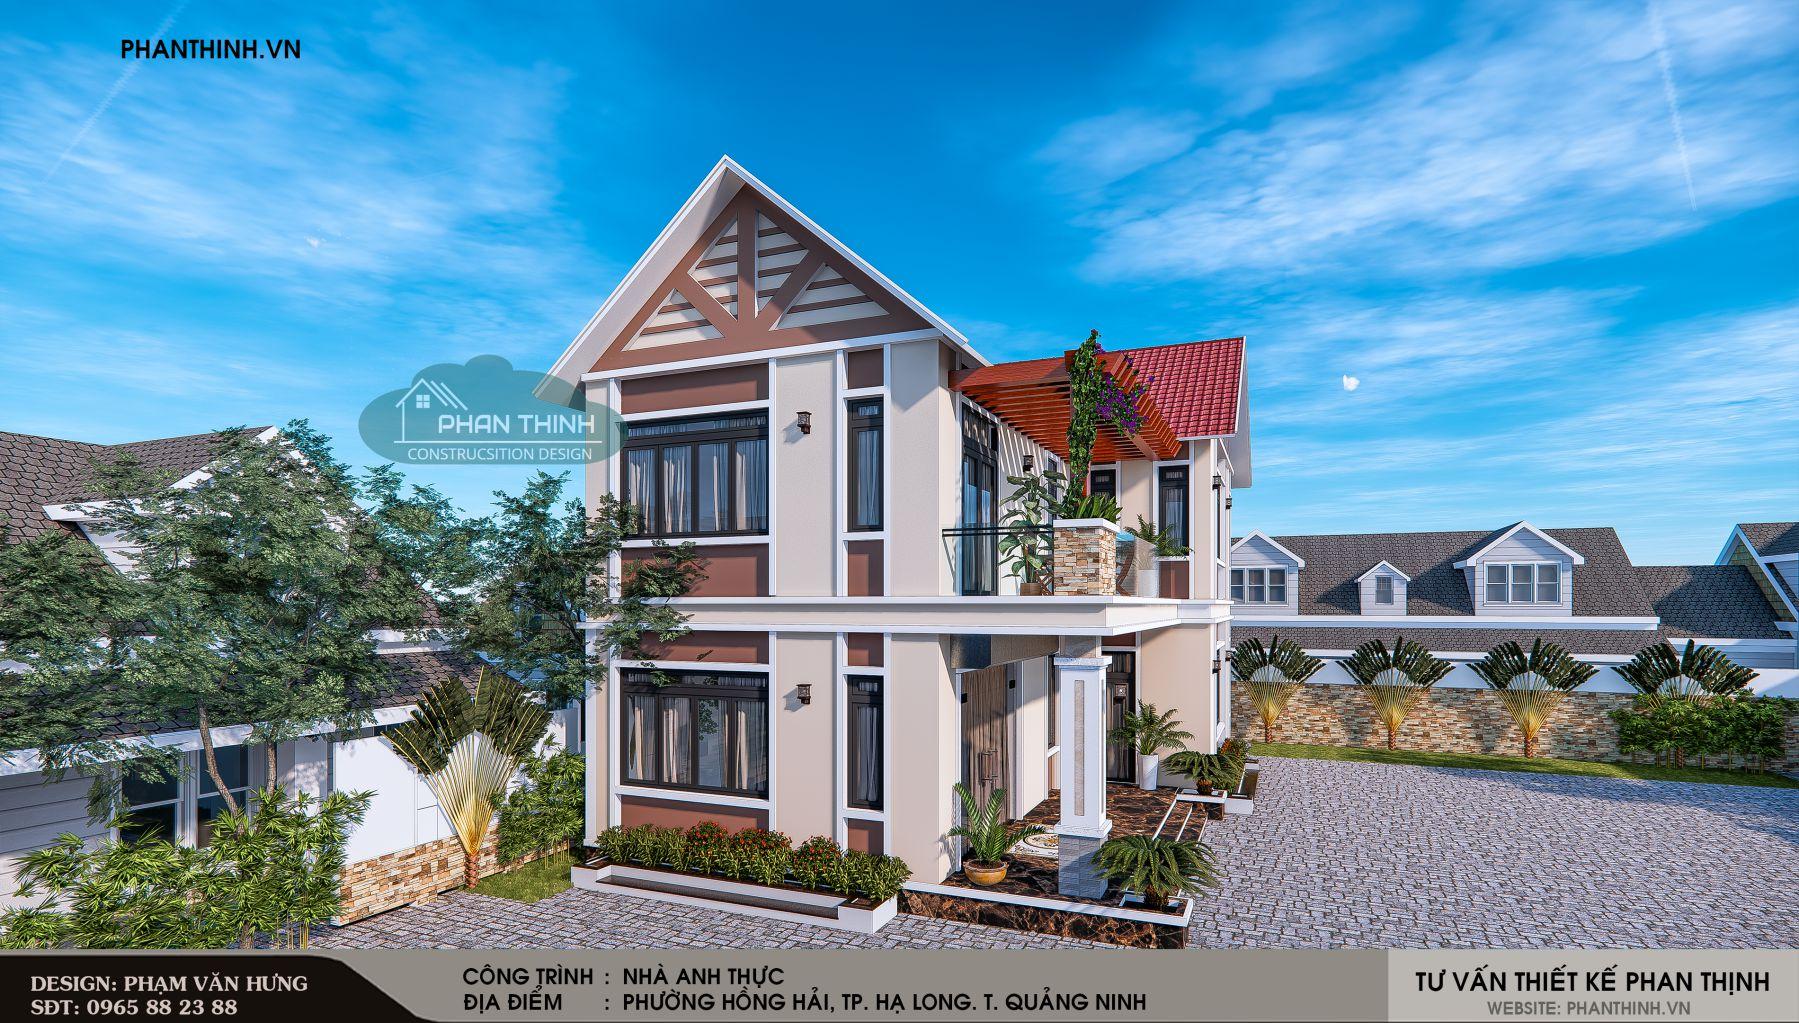 Thiết kế phối cảnh nhà mái thái 2 tầng tại Quảng Ninh